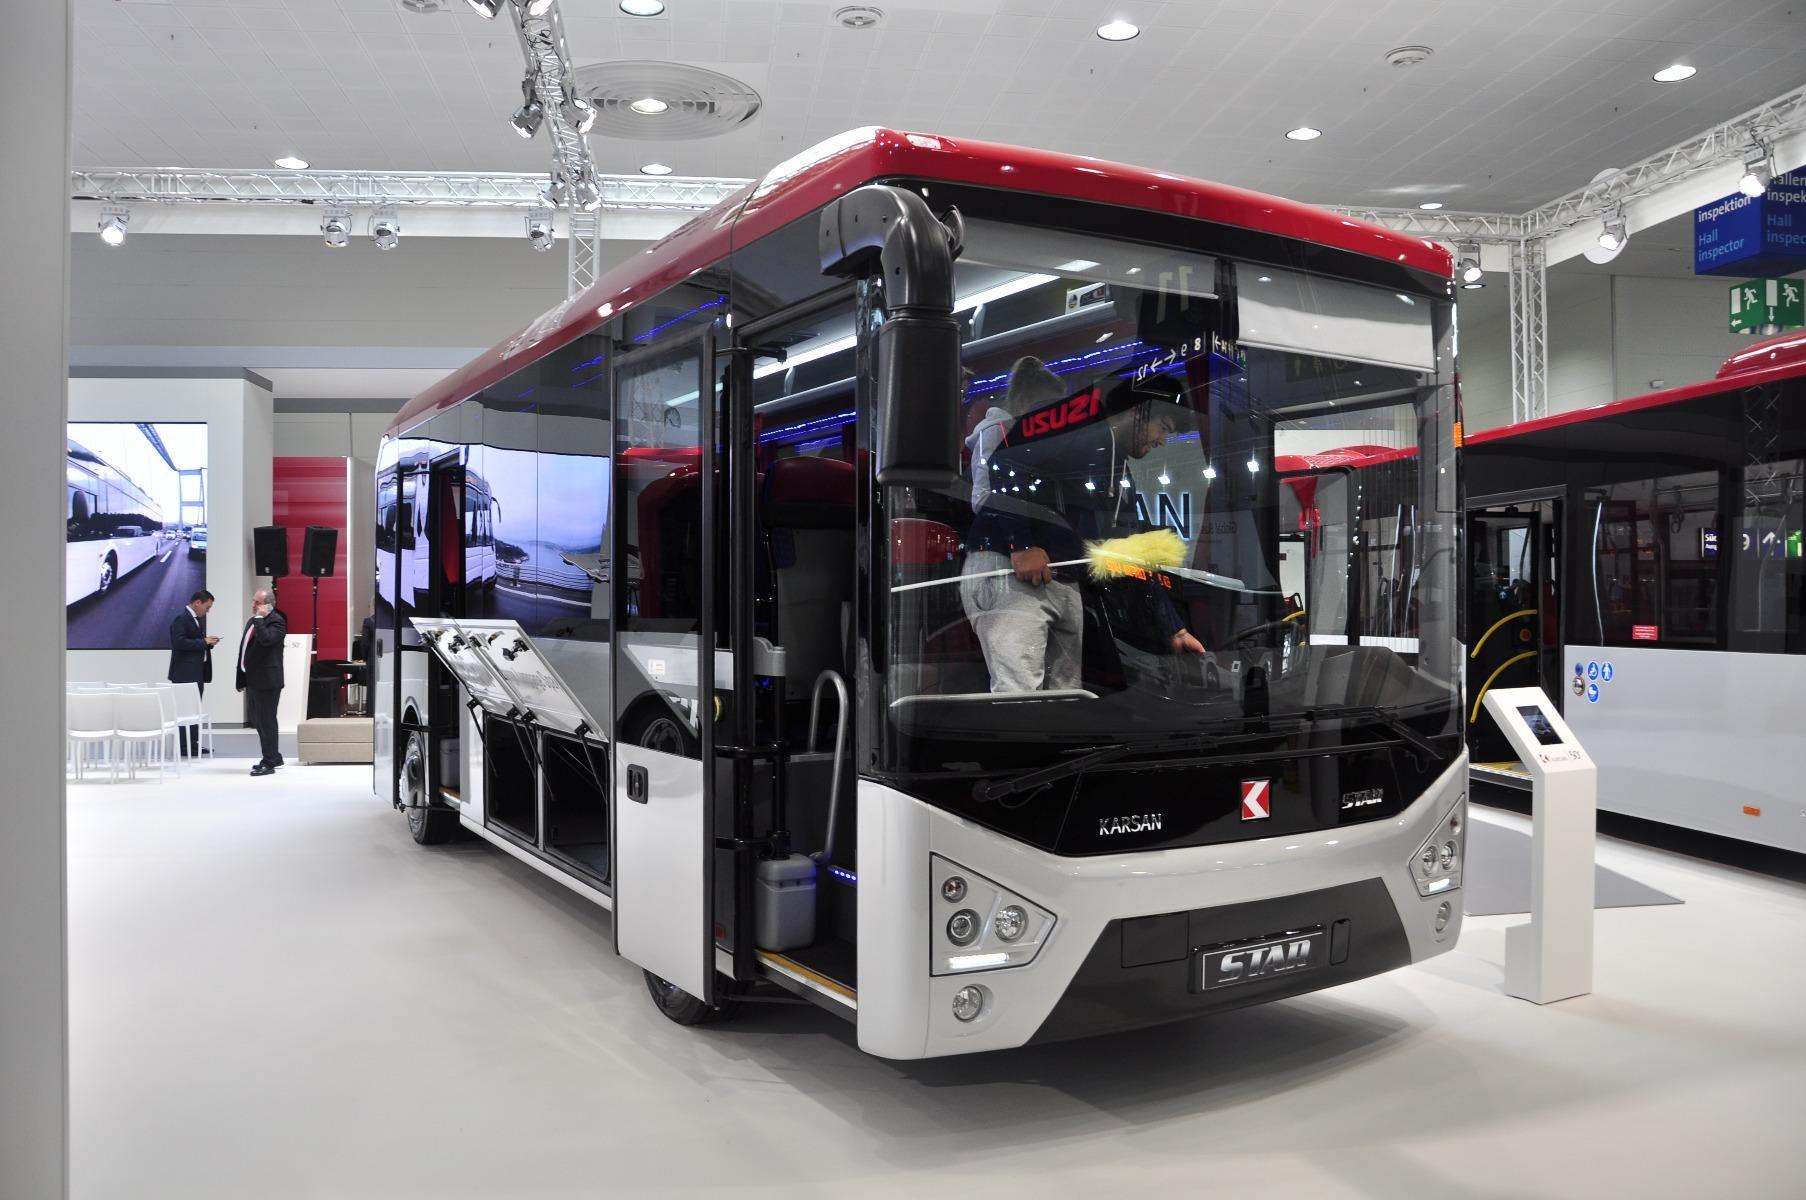 A nyolc méter hosszú Karsan Star városközi busz 31 főt, illetve 4,3 köbméternyi poggyászt is szállíthat